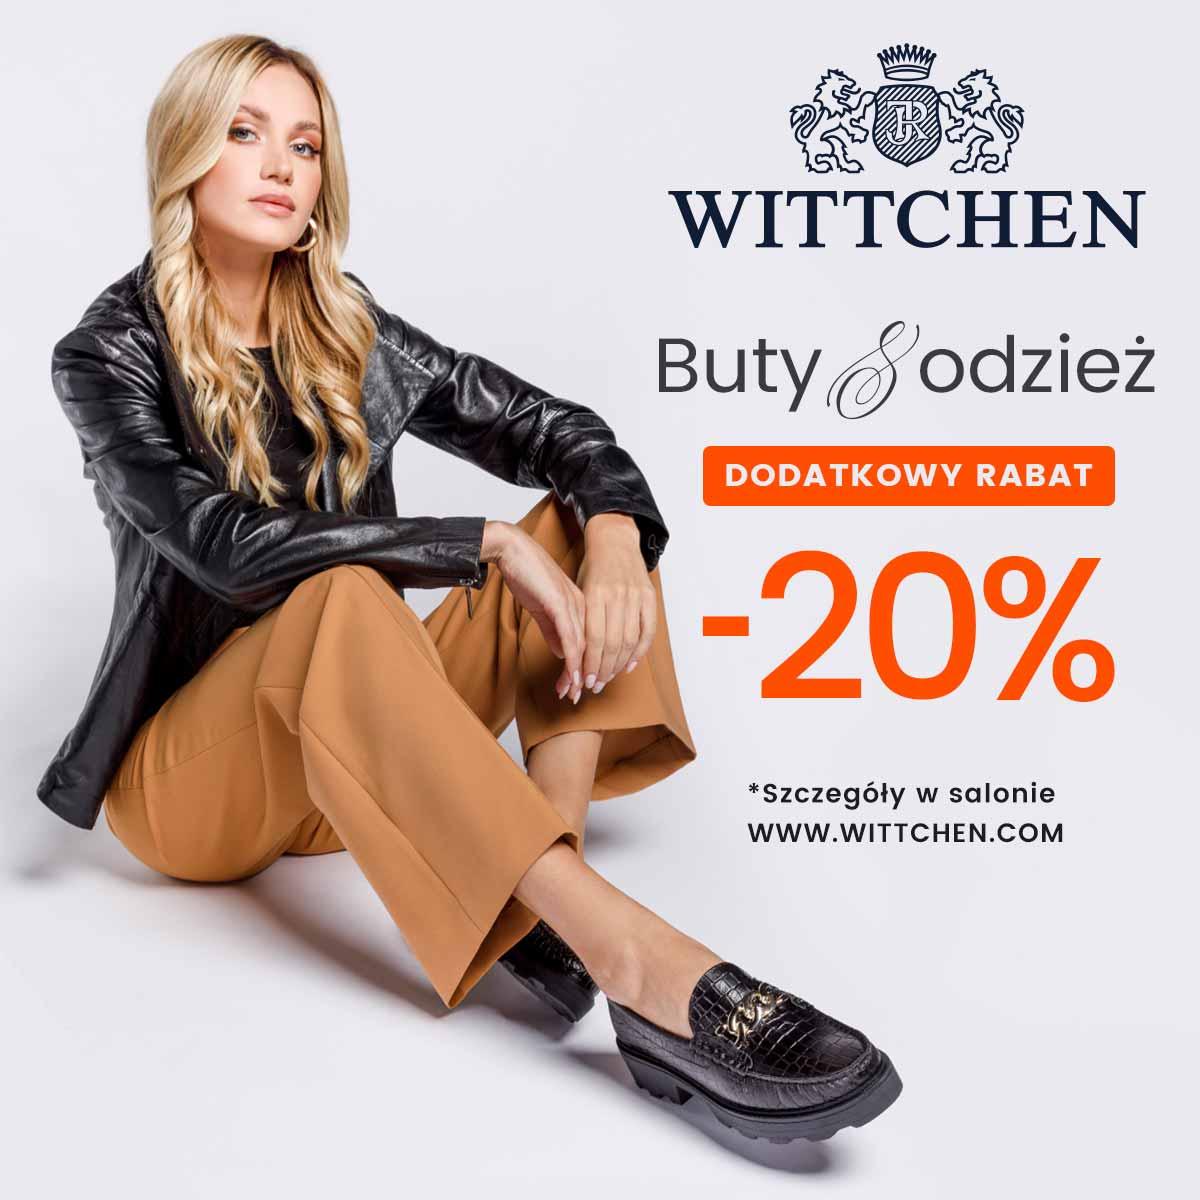 Buty & Odzież dodatkowy rabat 20%